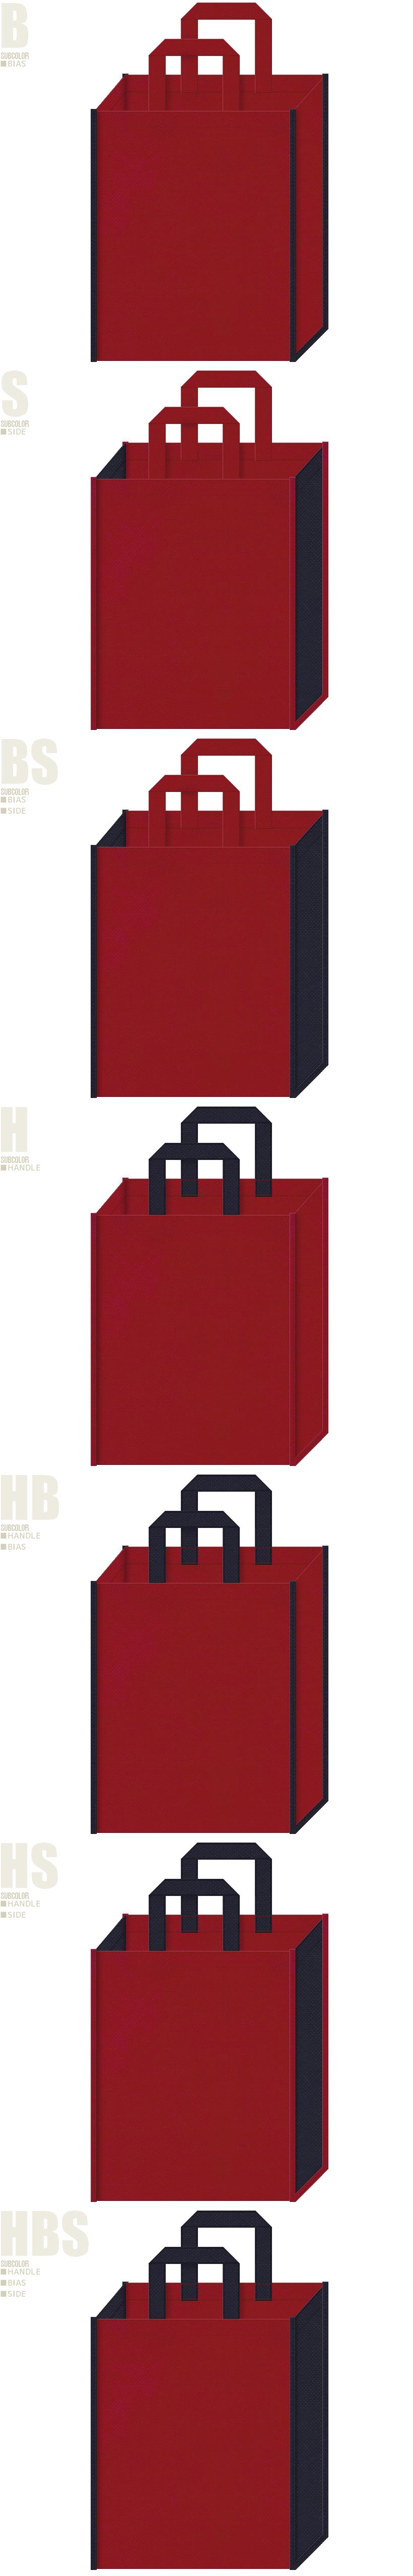 エンジ色と濃紺色、7パターンの不織布トートバッグ配色デザイン例。デニムコーデのイメージ。